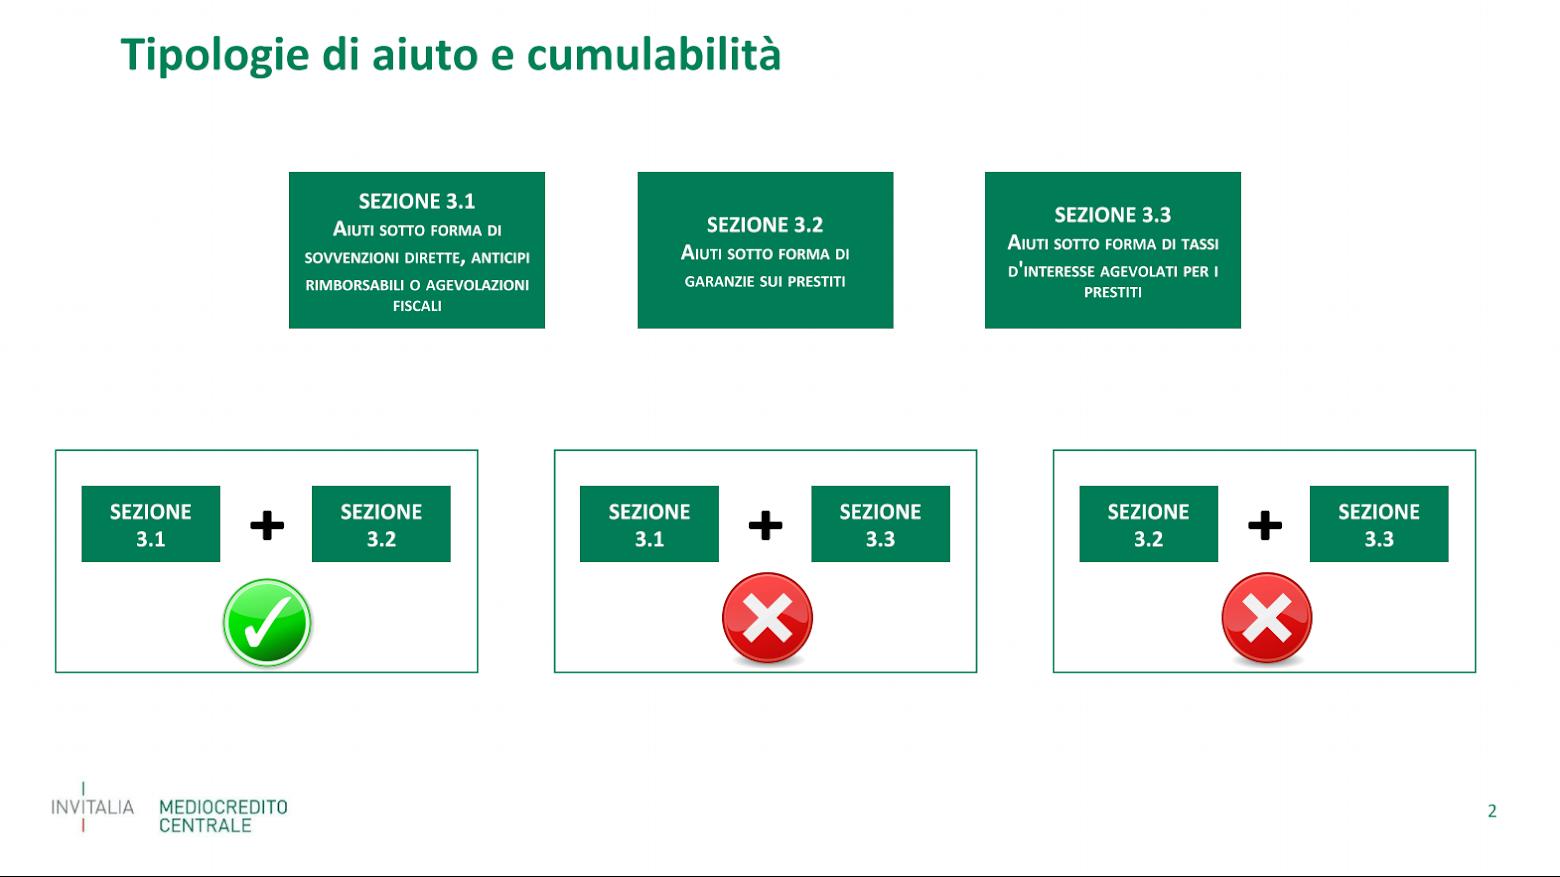 Framework temporaneo aiuti di stato - slide di Mediocredito centrale